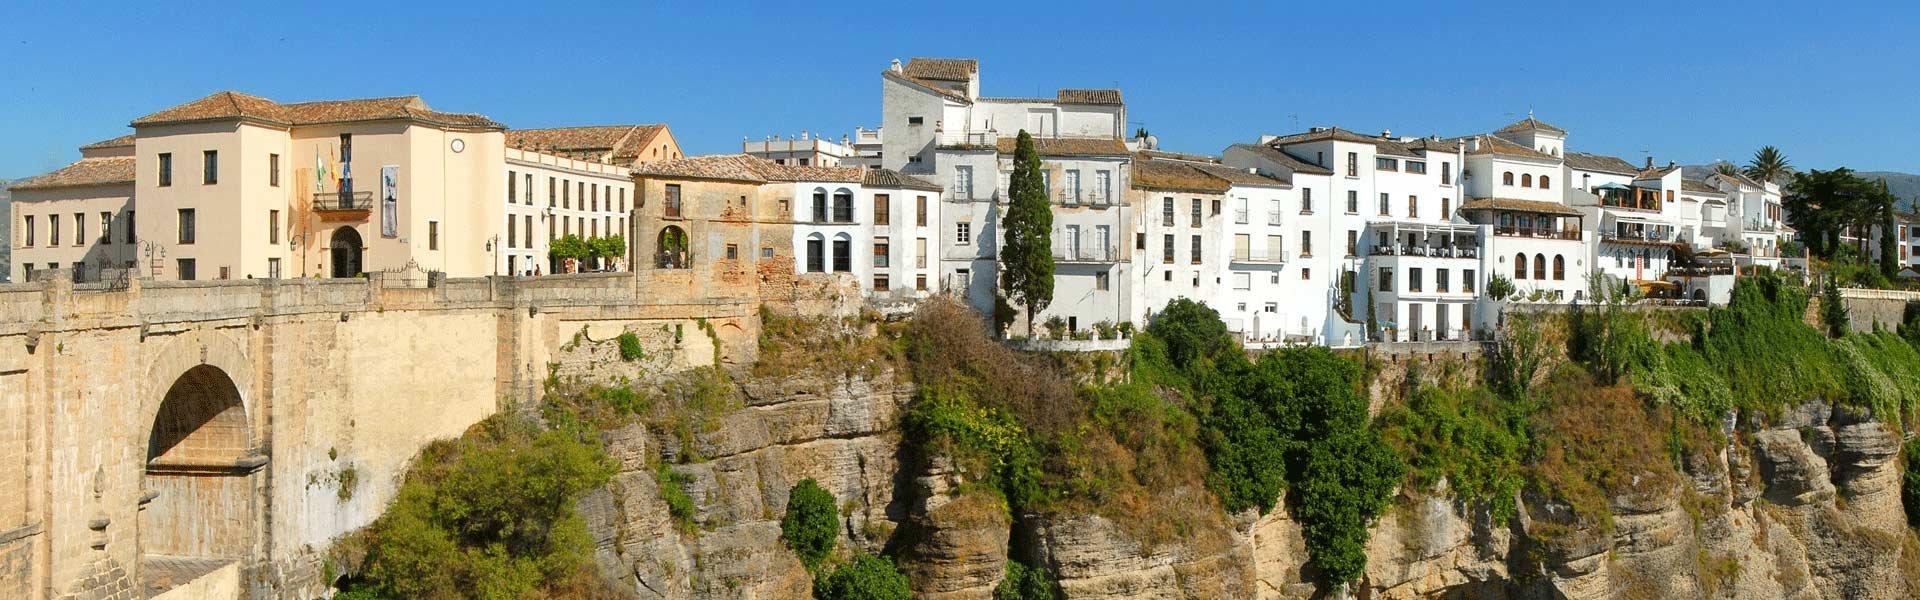 Bezoek het stadje Ronda tijdens een campervakantie in Spanje met Victoria CamperHolidays